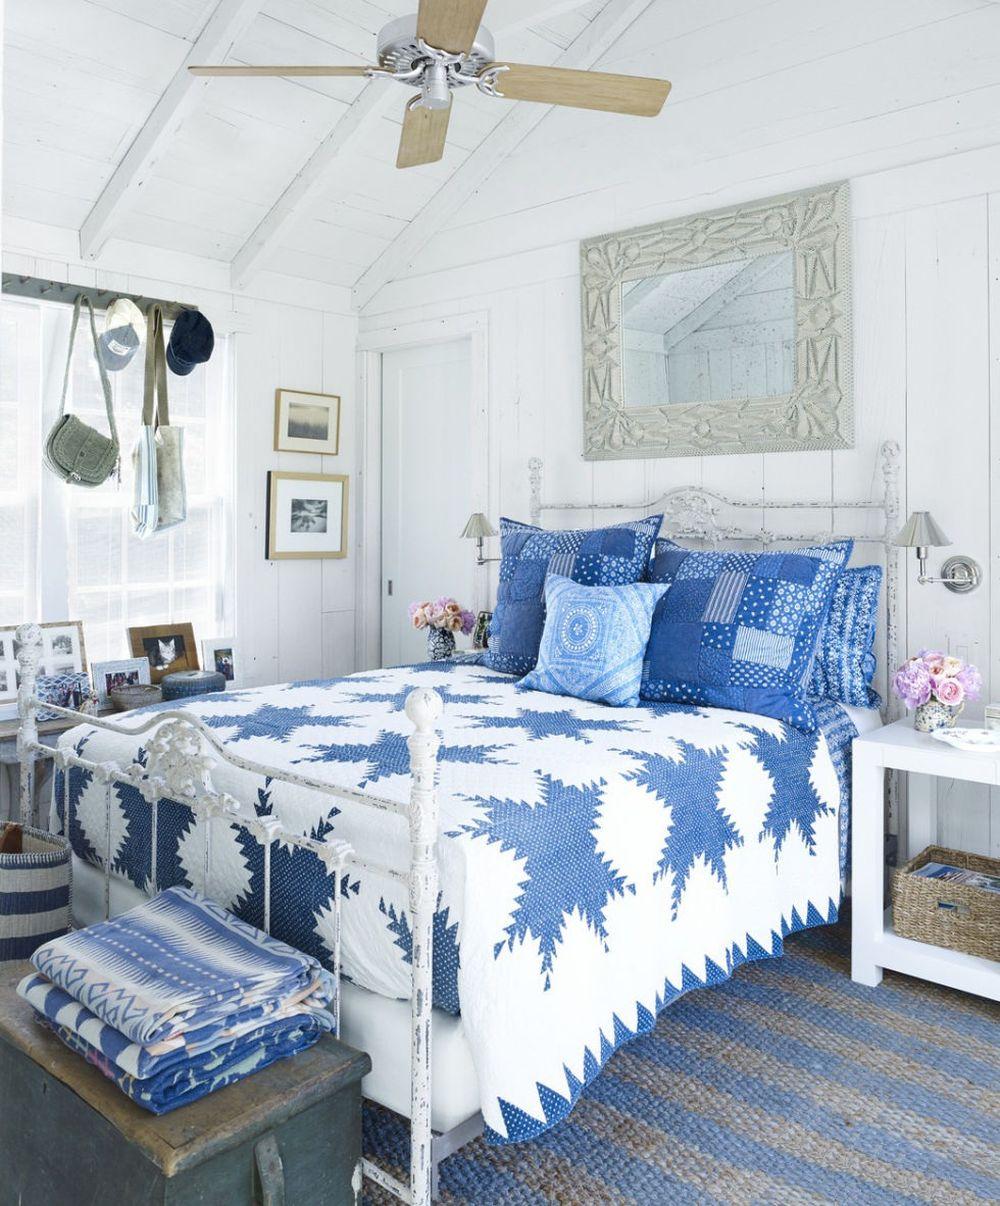 adelaparvu-com-despre-casa-de-vacanta-in-alb-si-albastru-designer-buffy-birrittella-foto-elle-decor-bjorn-wallander-9